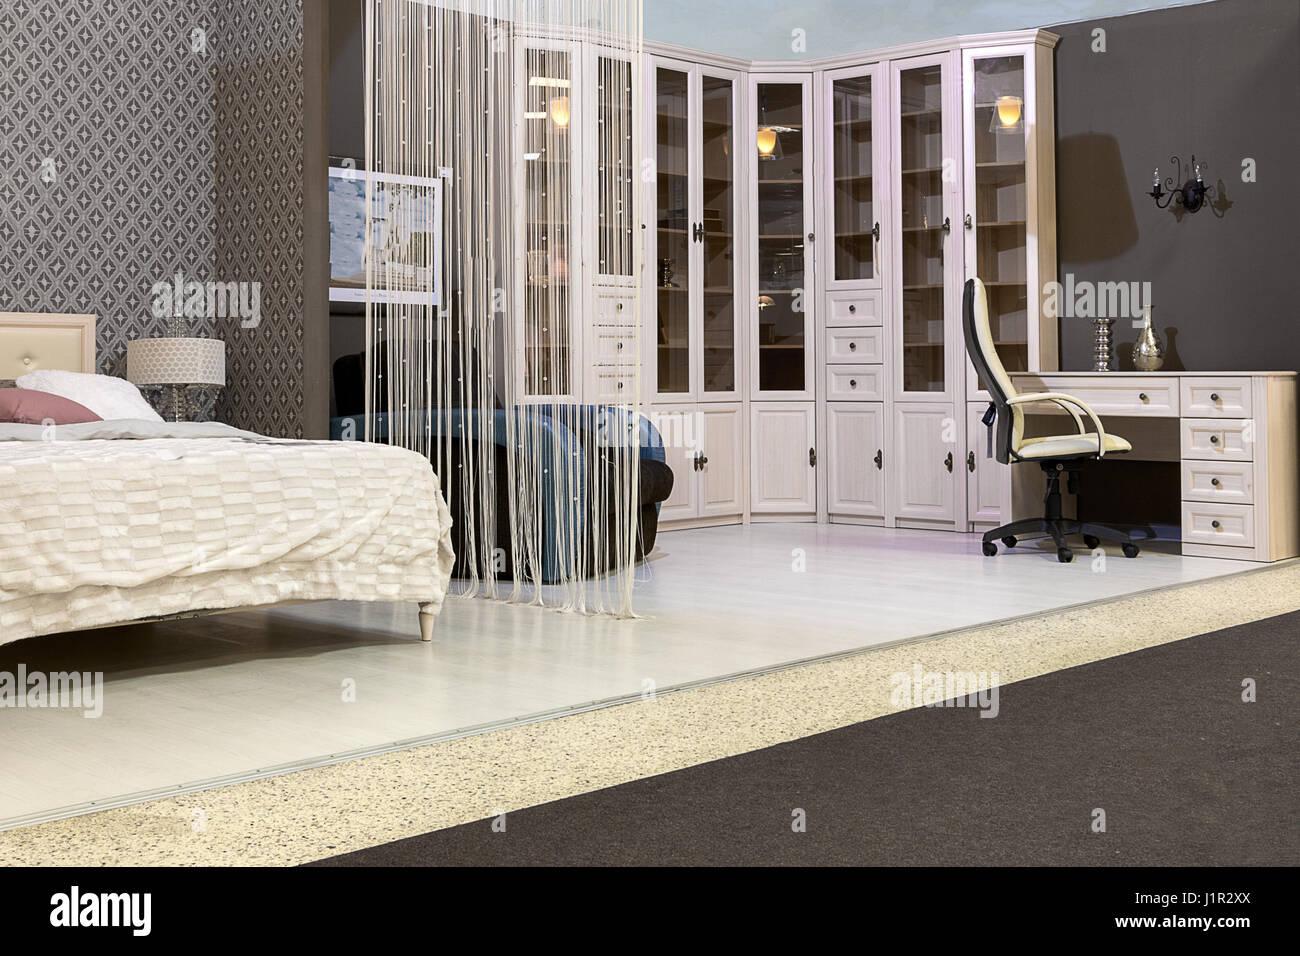 Ottimo rapporto qualita' prezzo prodotto made. Bedroom With A Bed A Wardrobe Desk And Chair Stock Photo Alamy